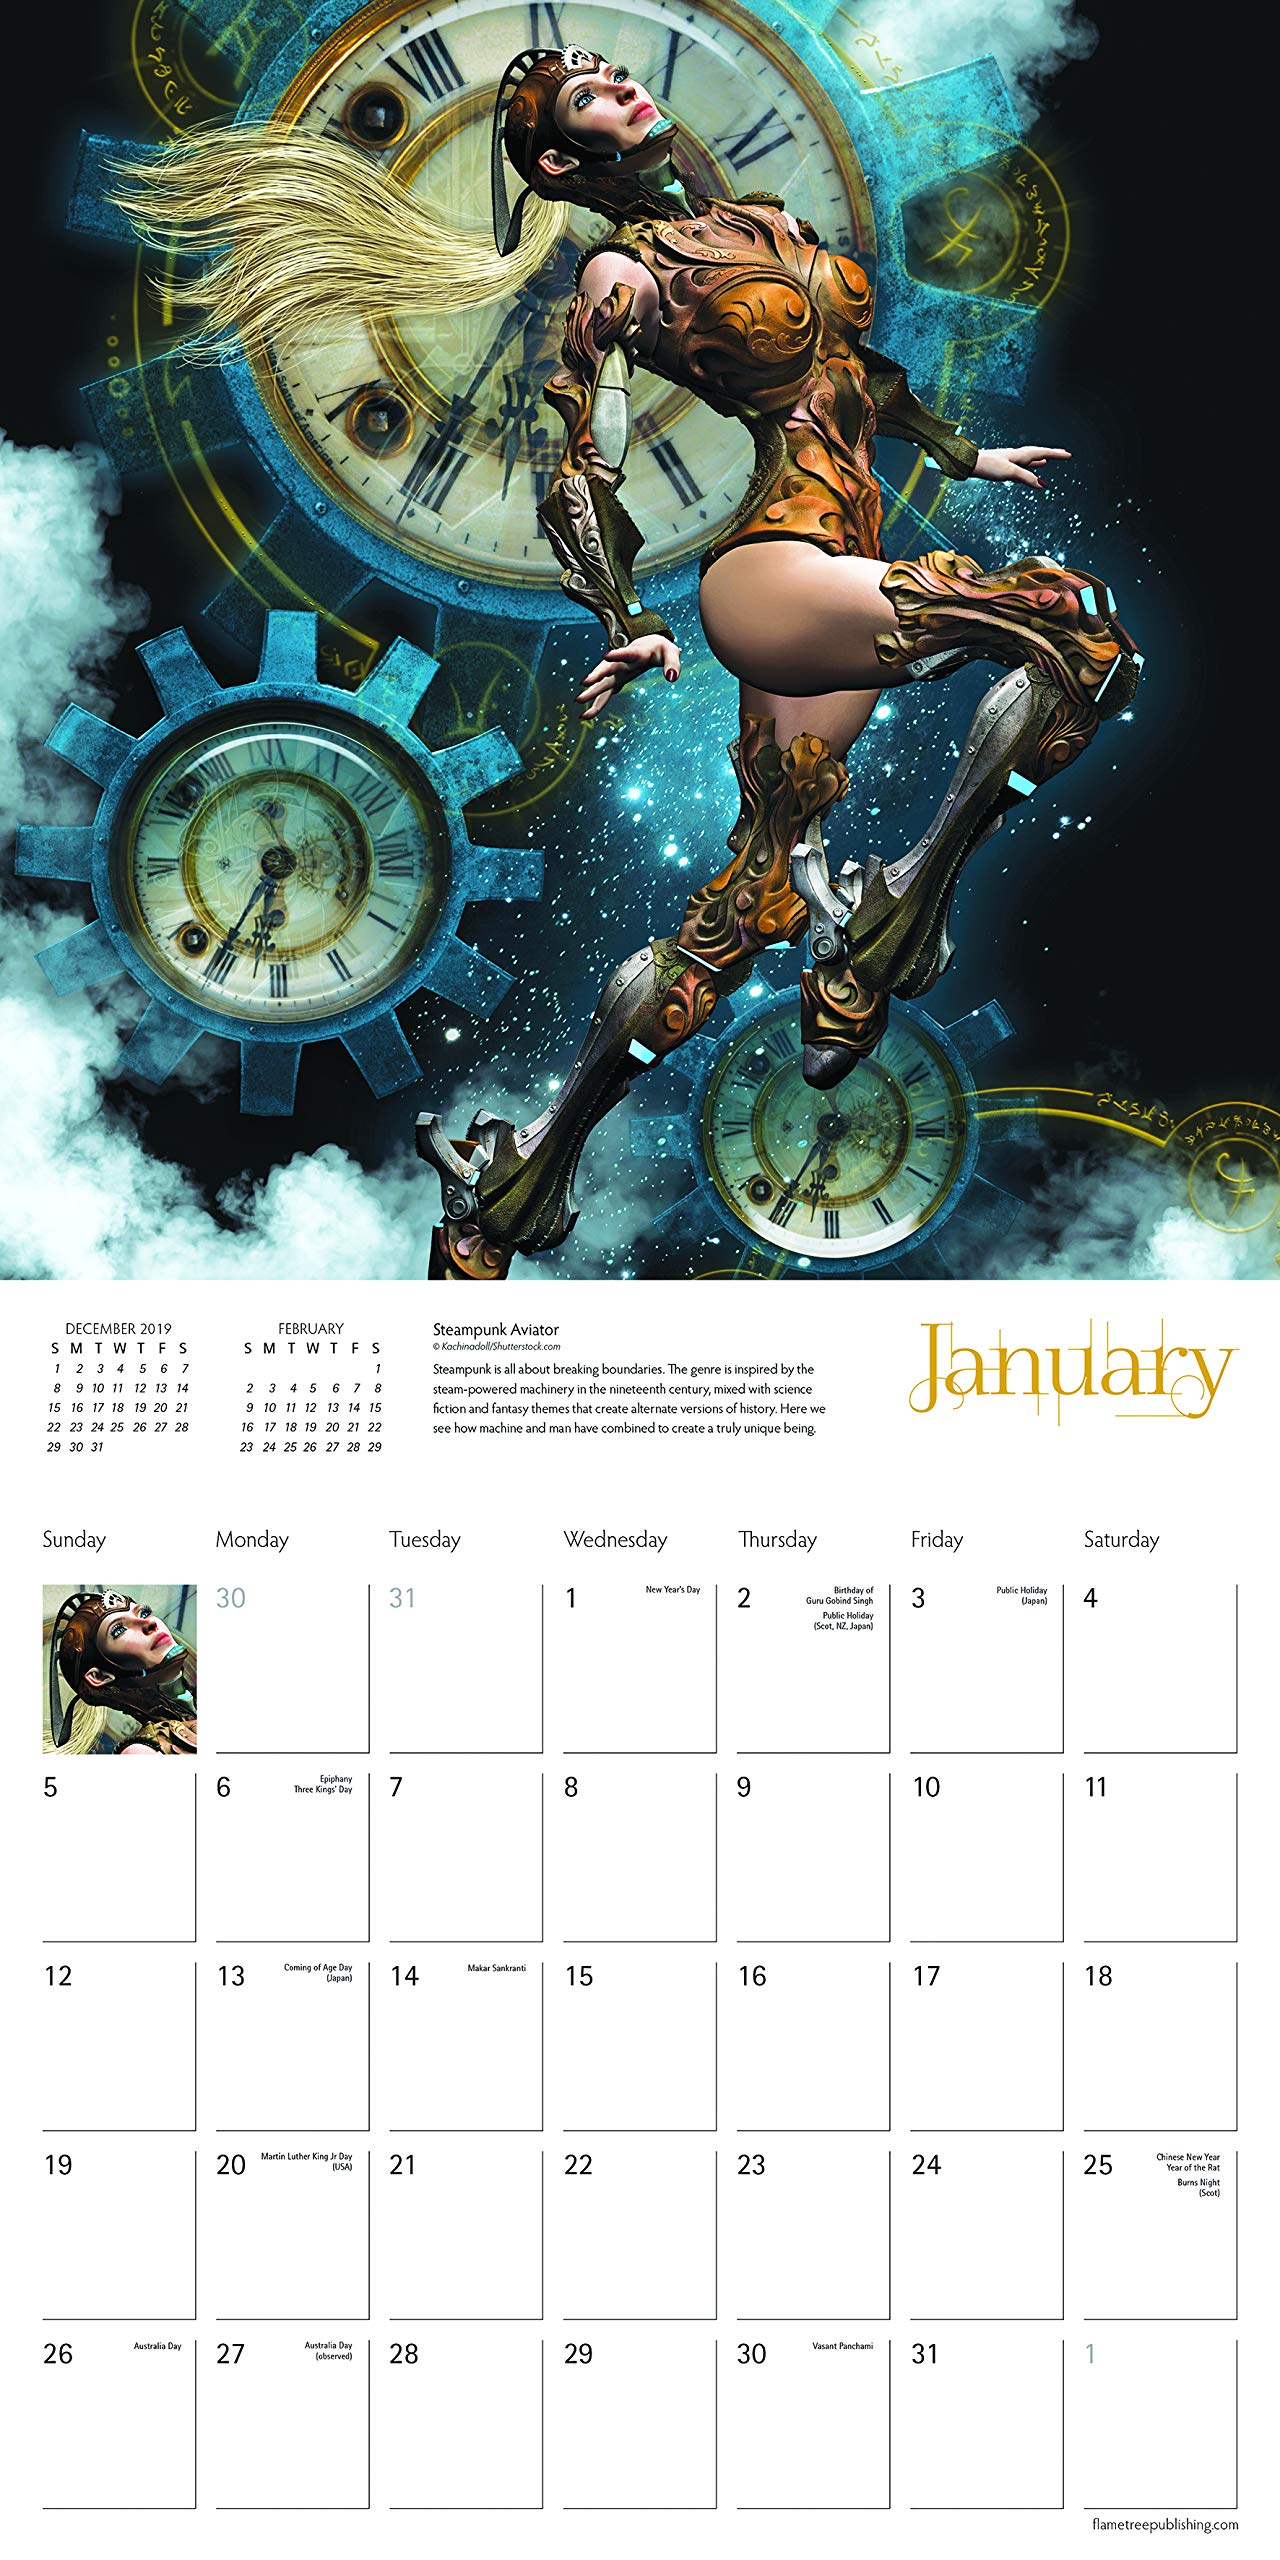 Steampunk Wall Calendar 2020 (Art Calendar) 5